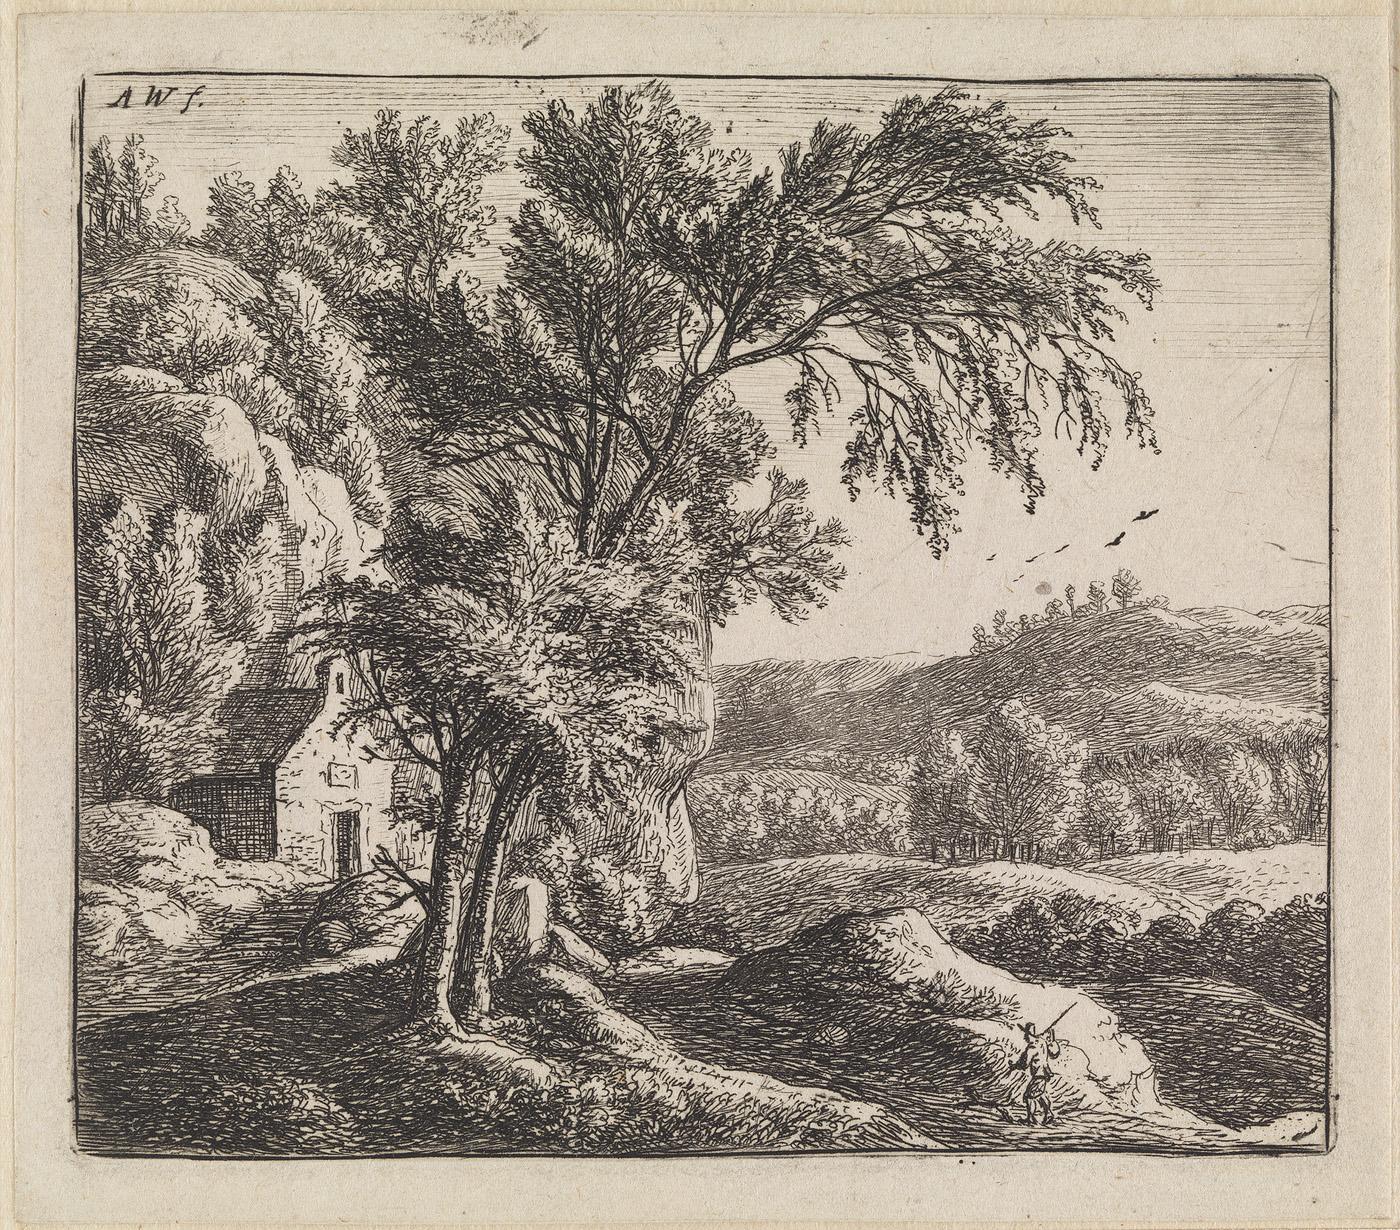 Landschap met huis bij rotswand